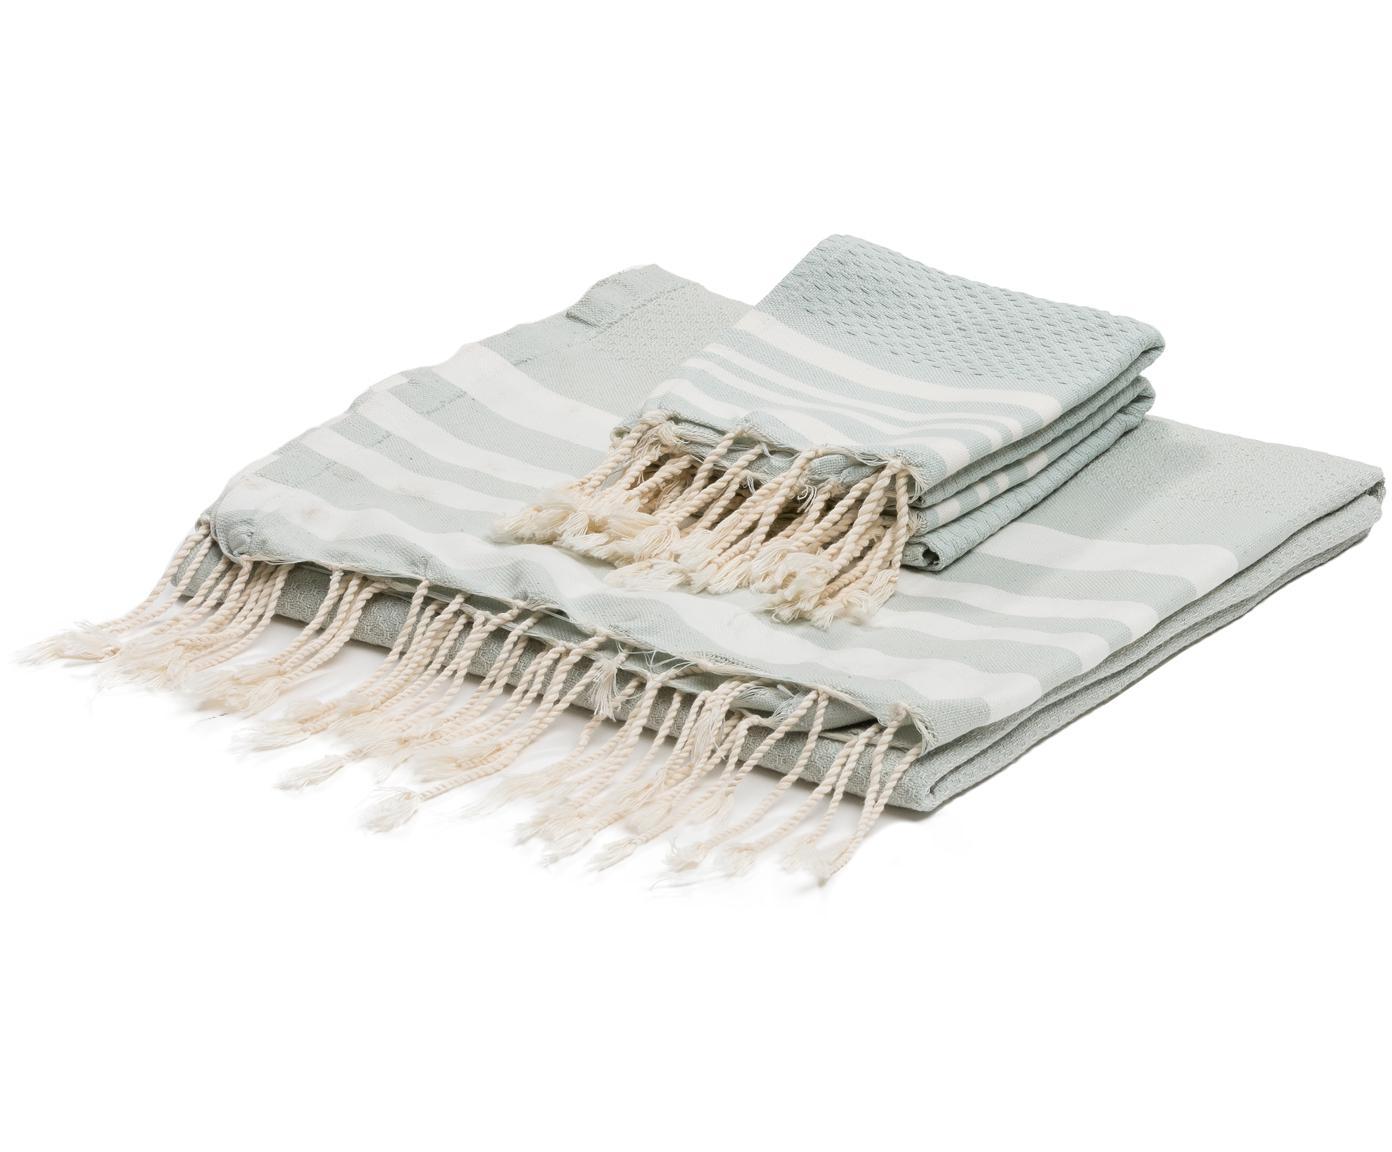 Lichte handdoekenset Hamptons, 3-delig, Katoen, zeer lichte kwaliteit, 200 g/m², Mintgroen, wit, Verschillende formaten